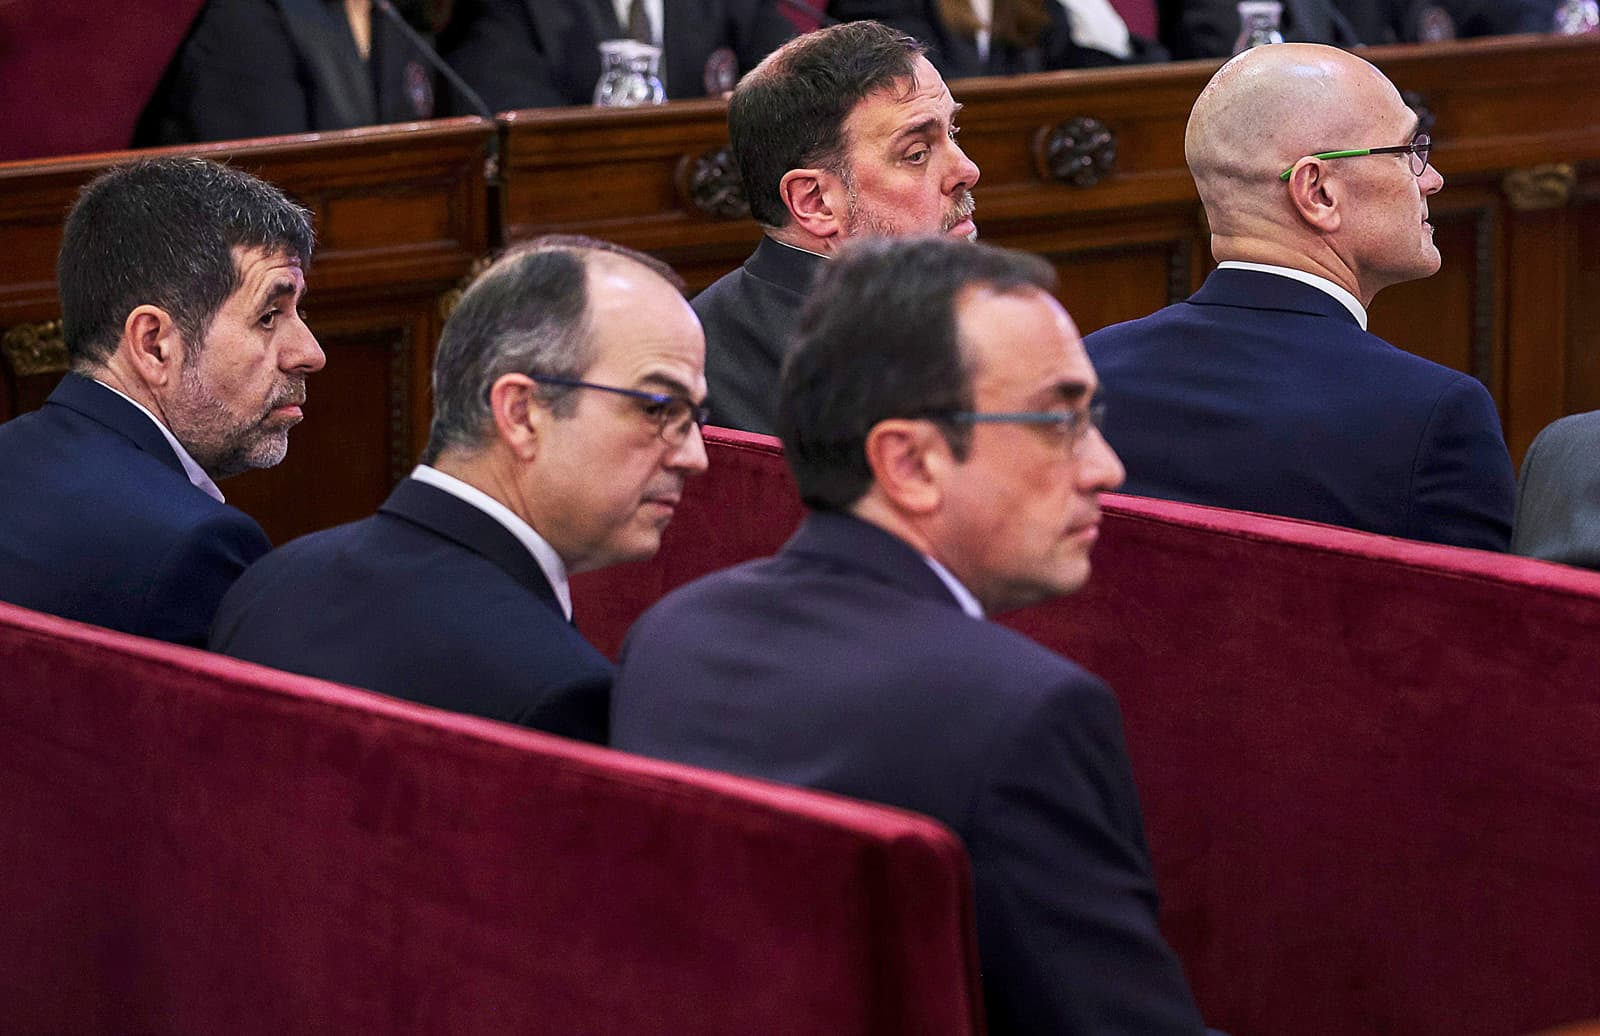 Jordi Sánchez, Jordi Turull, Josep Rull, Oriol Junqueras i Raül Romeva durant el judici al Tribunal Suprem el febrer del 2019. Fotografia d'Emilio Naranjo. Efe.